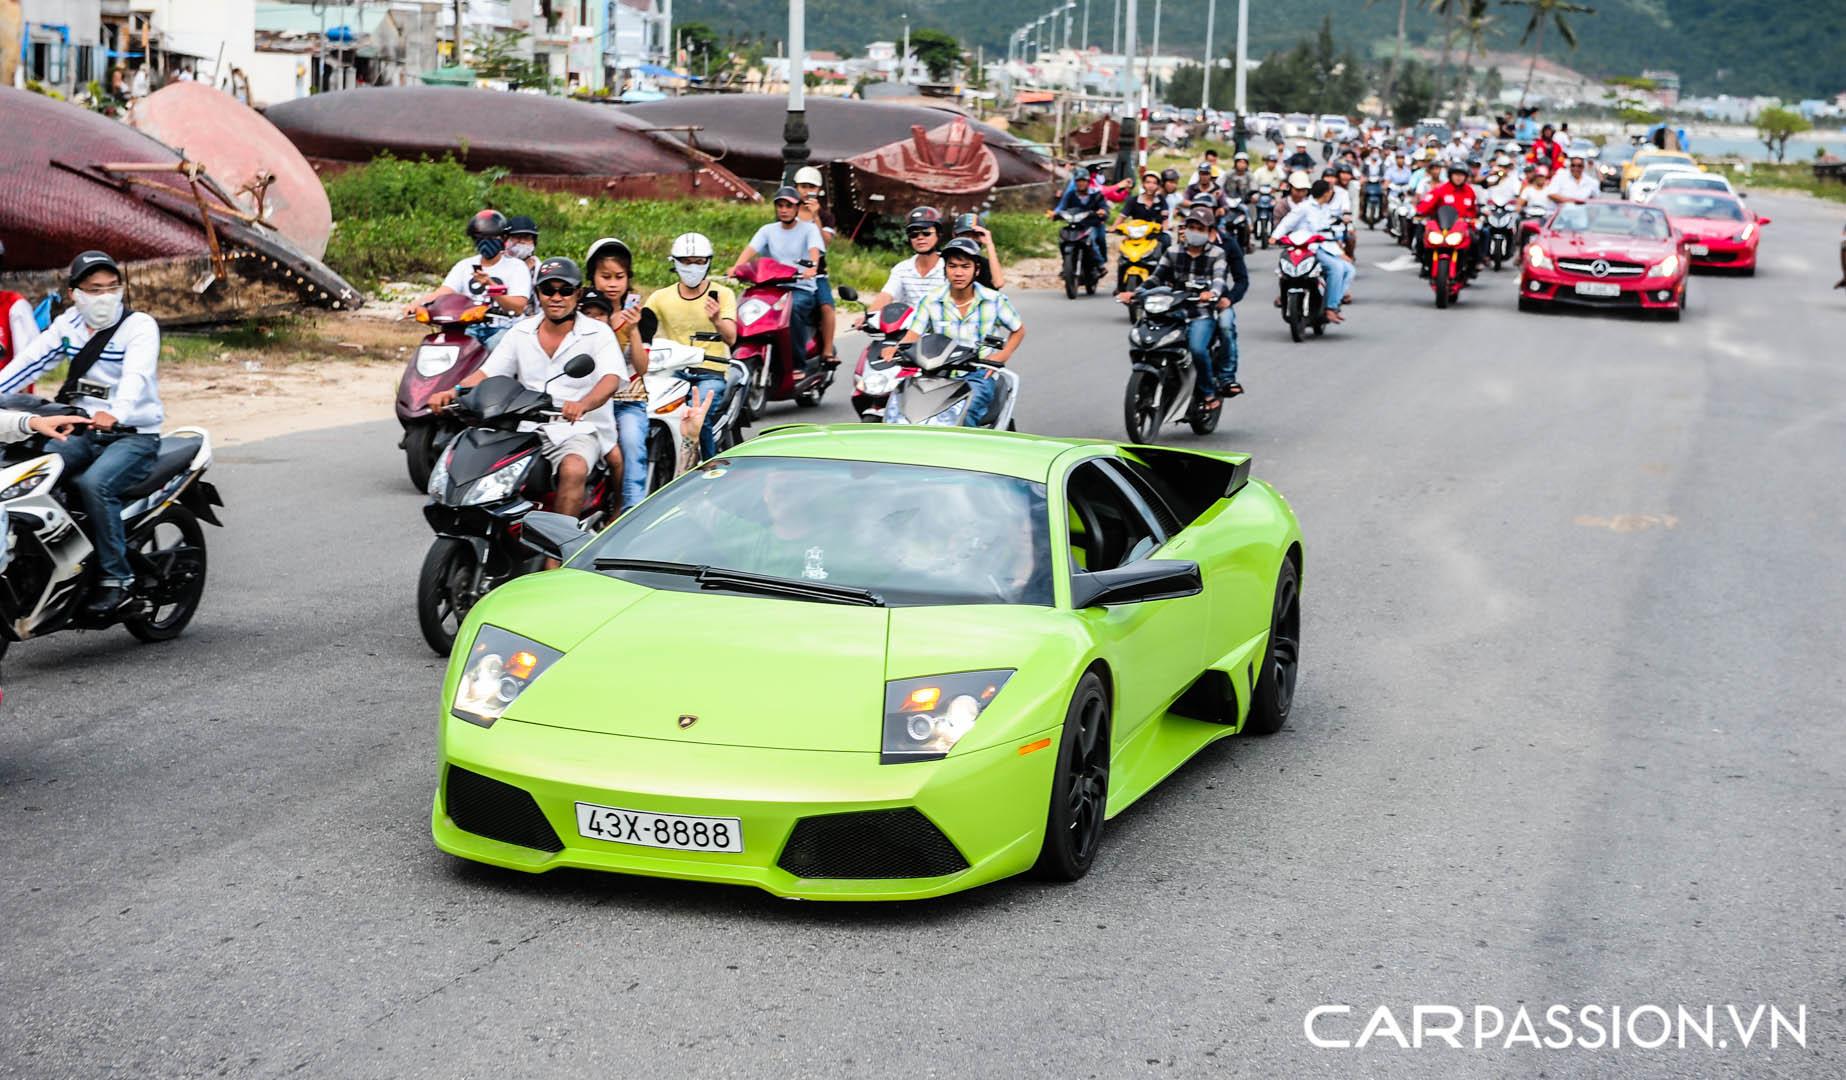 CP-Hành trình siêu xe CarPassion 2011 Day 5 (138).jpg